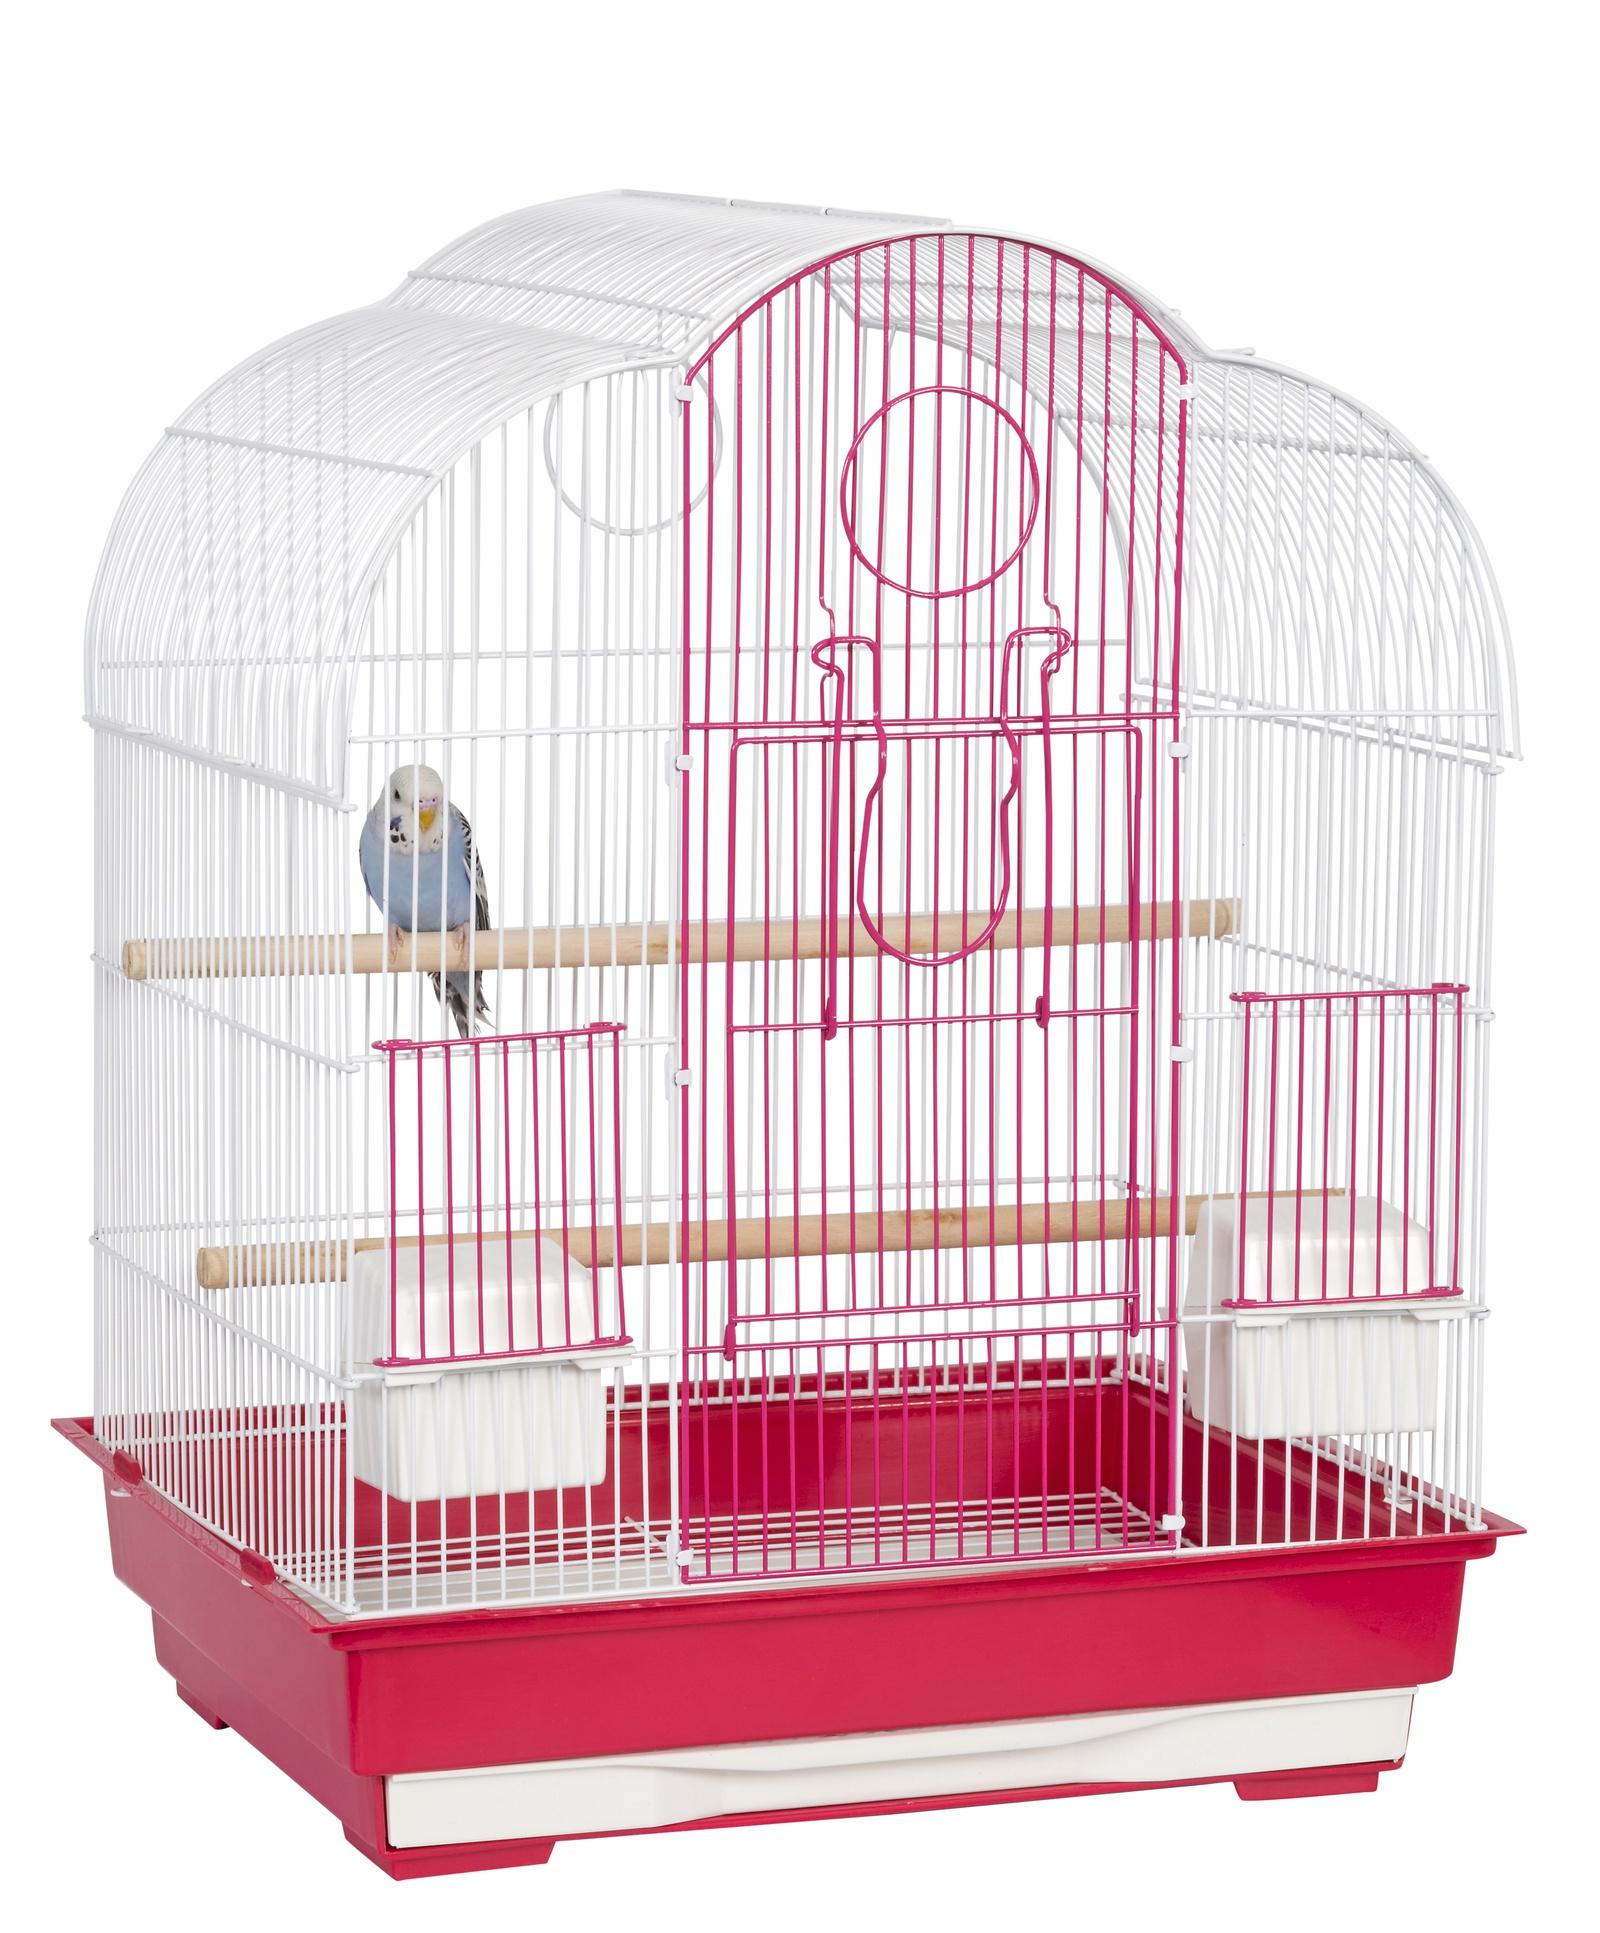 """клетка для маленьких птиц sky liberta """"virginia"""", 46х36х58см, розовый/белый (великобритания)"""